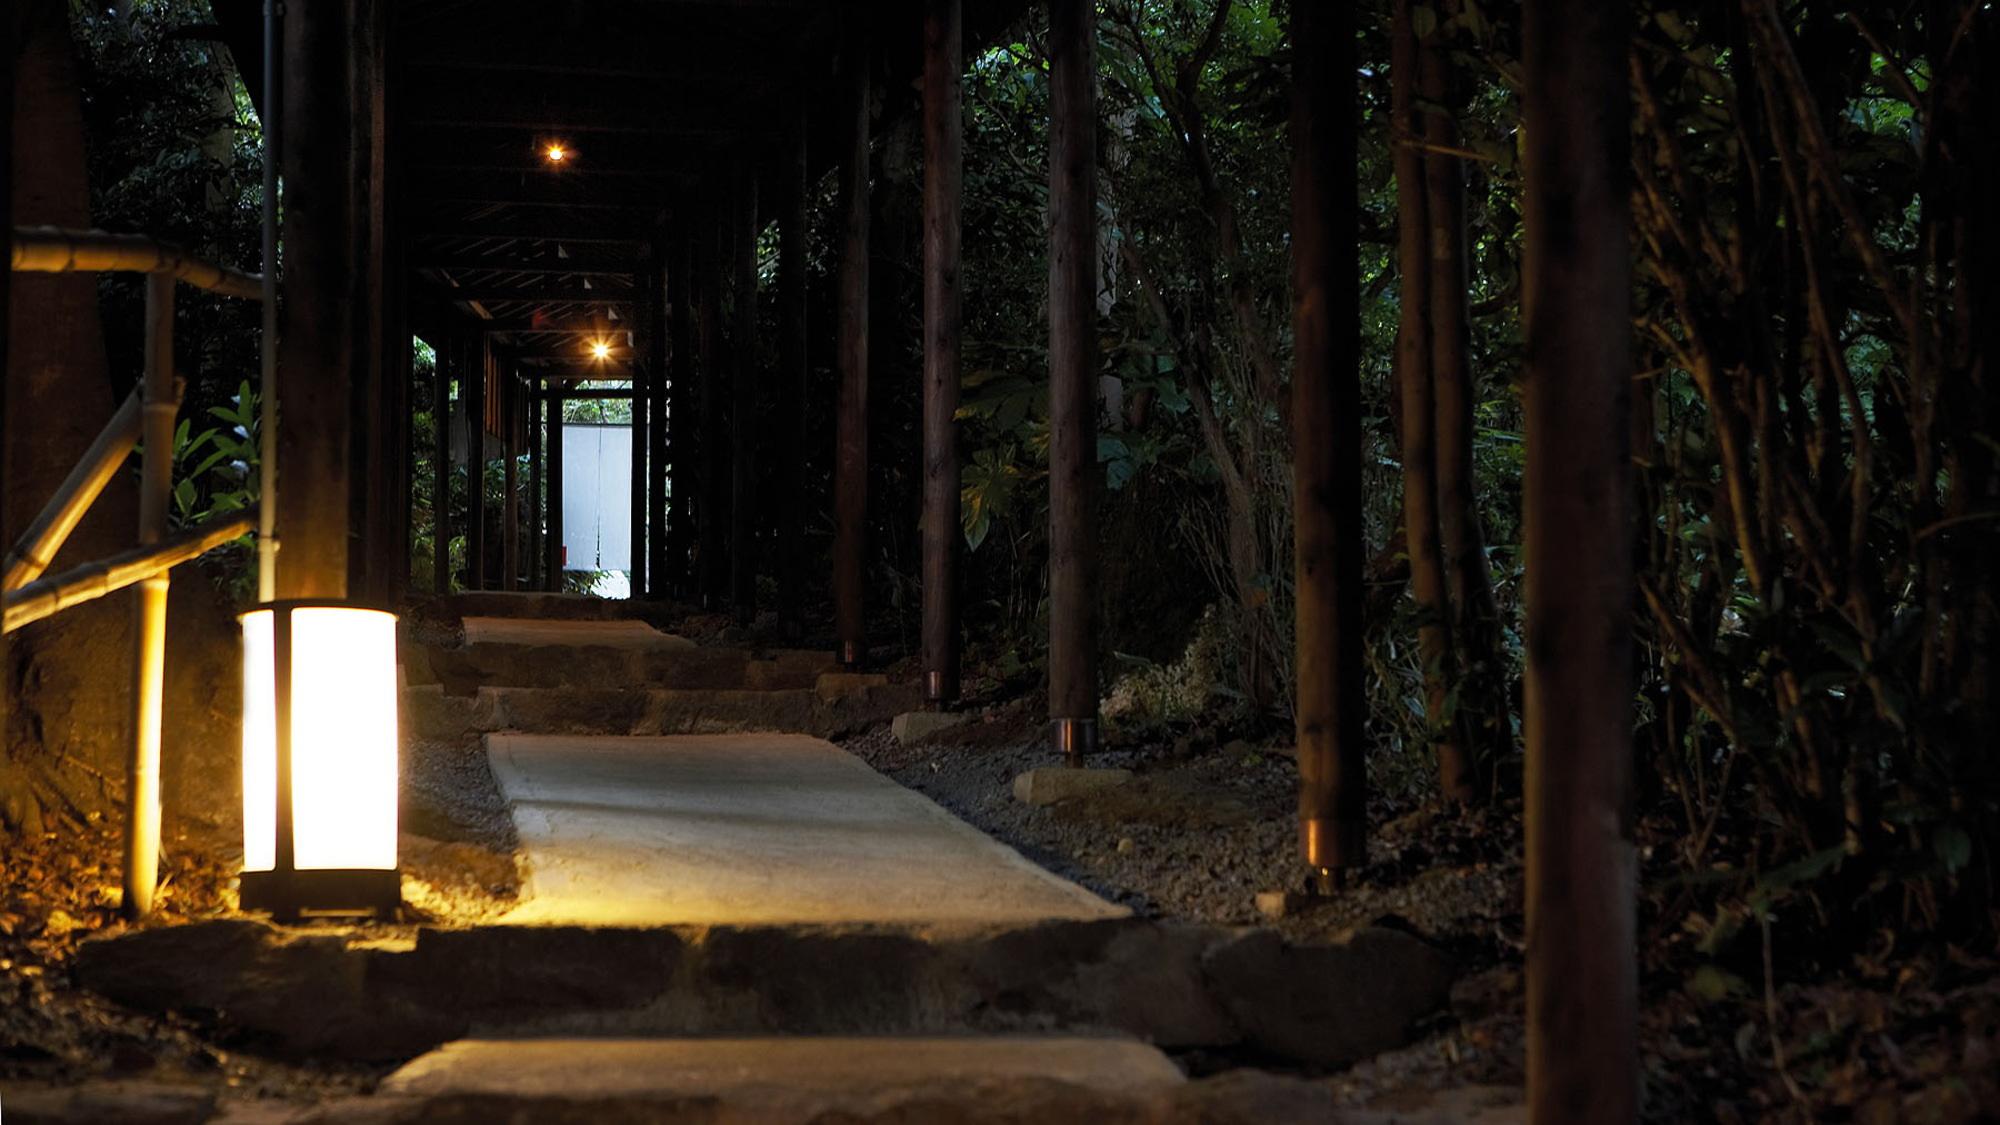 【別荘/外回廊】三千坪の敷地に佇む花の雲、別世界へは四季折々の顔を見せる外回廊から